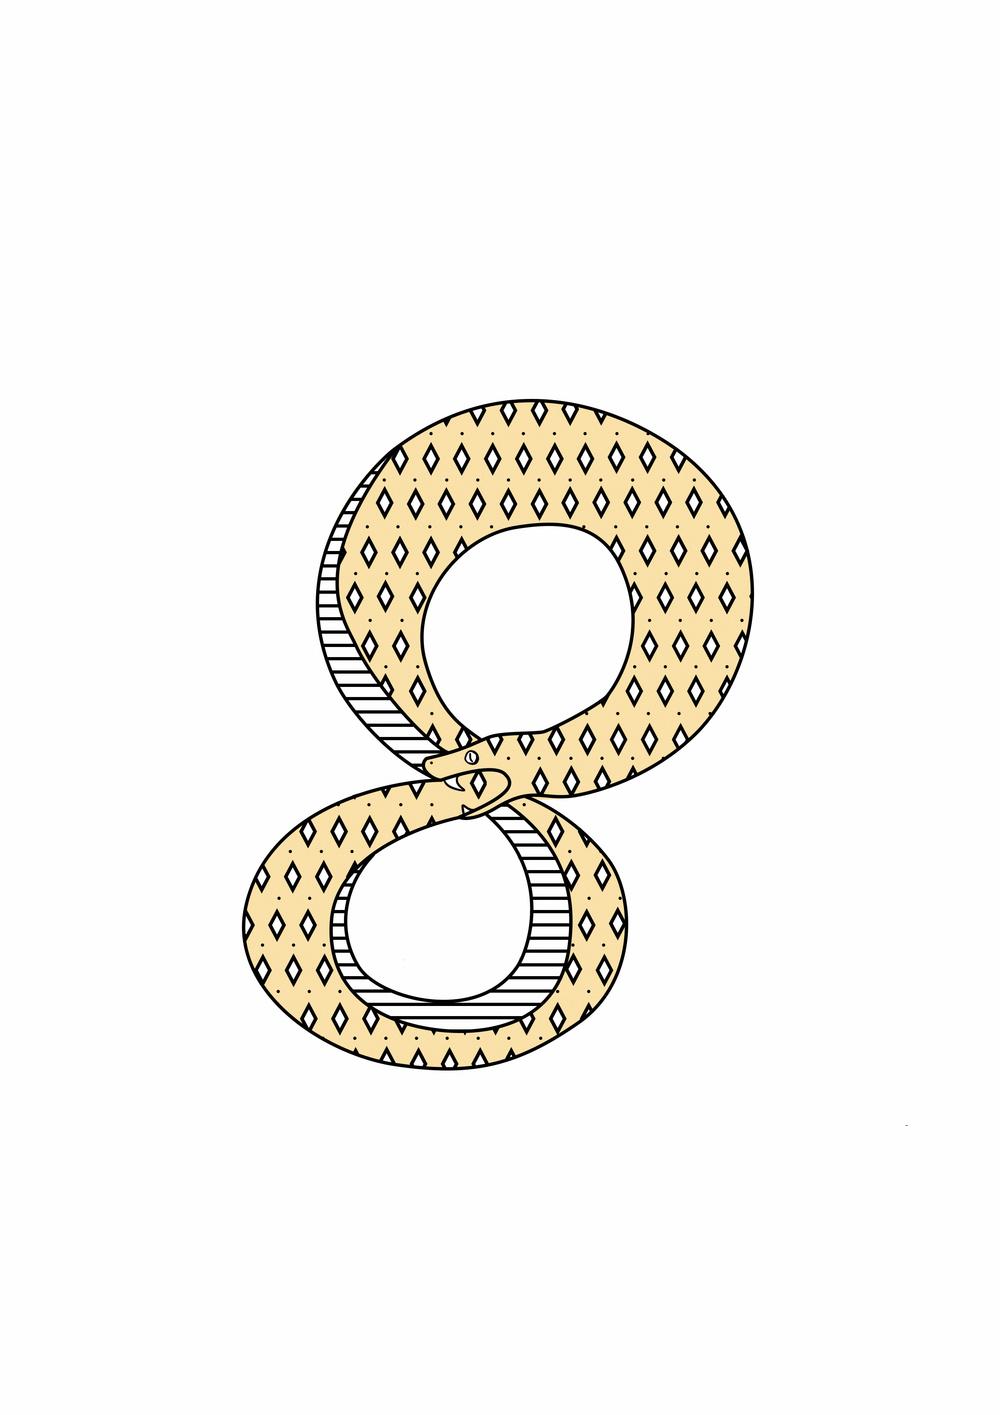 Week 11: Ouroboros